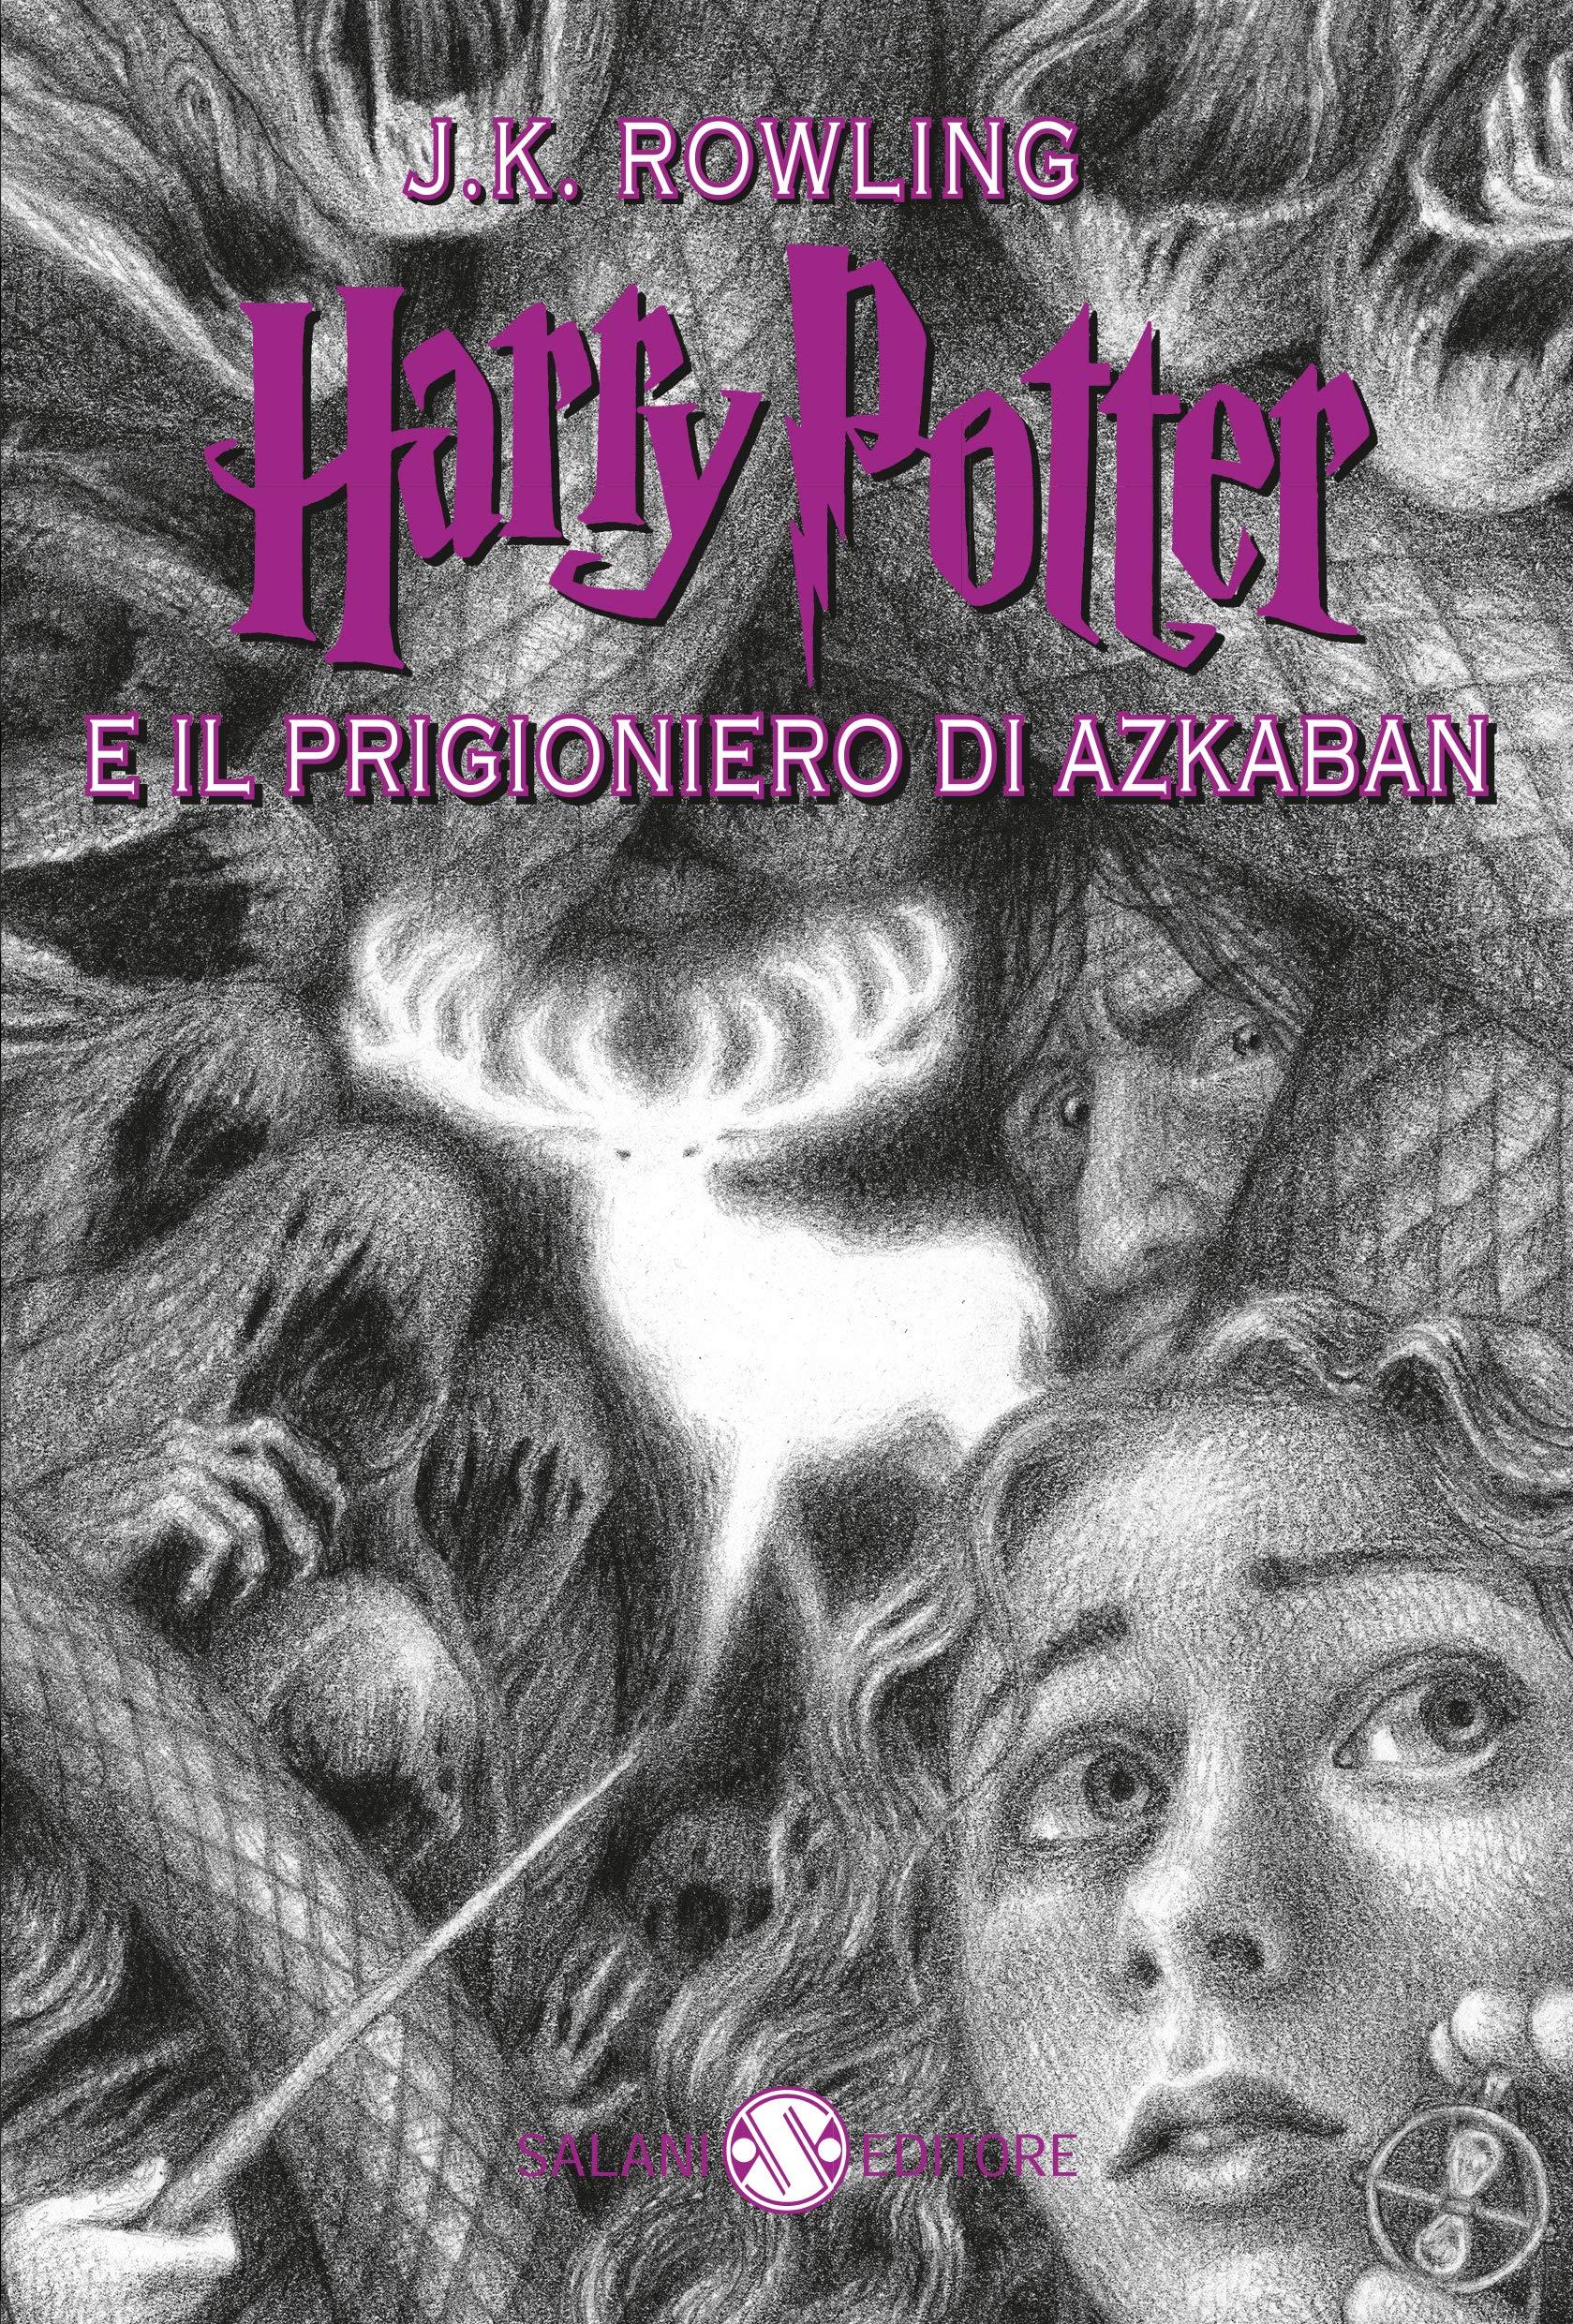 Harry Potter e il prigioniero di Azkaban 2018 Anniversaio 20 Anni di Magia Brian Selznick